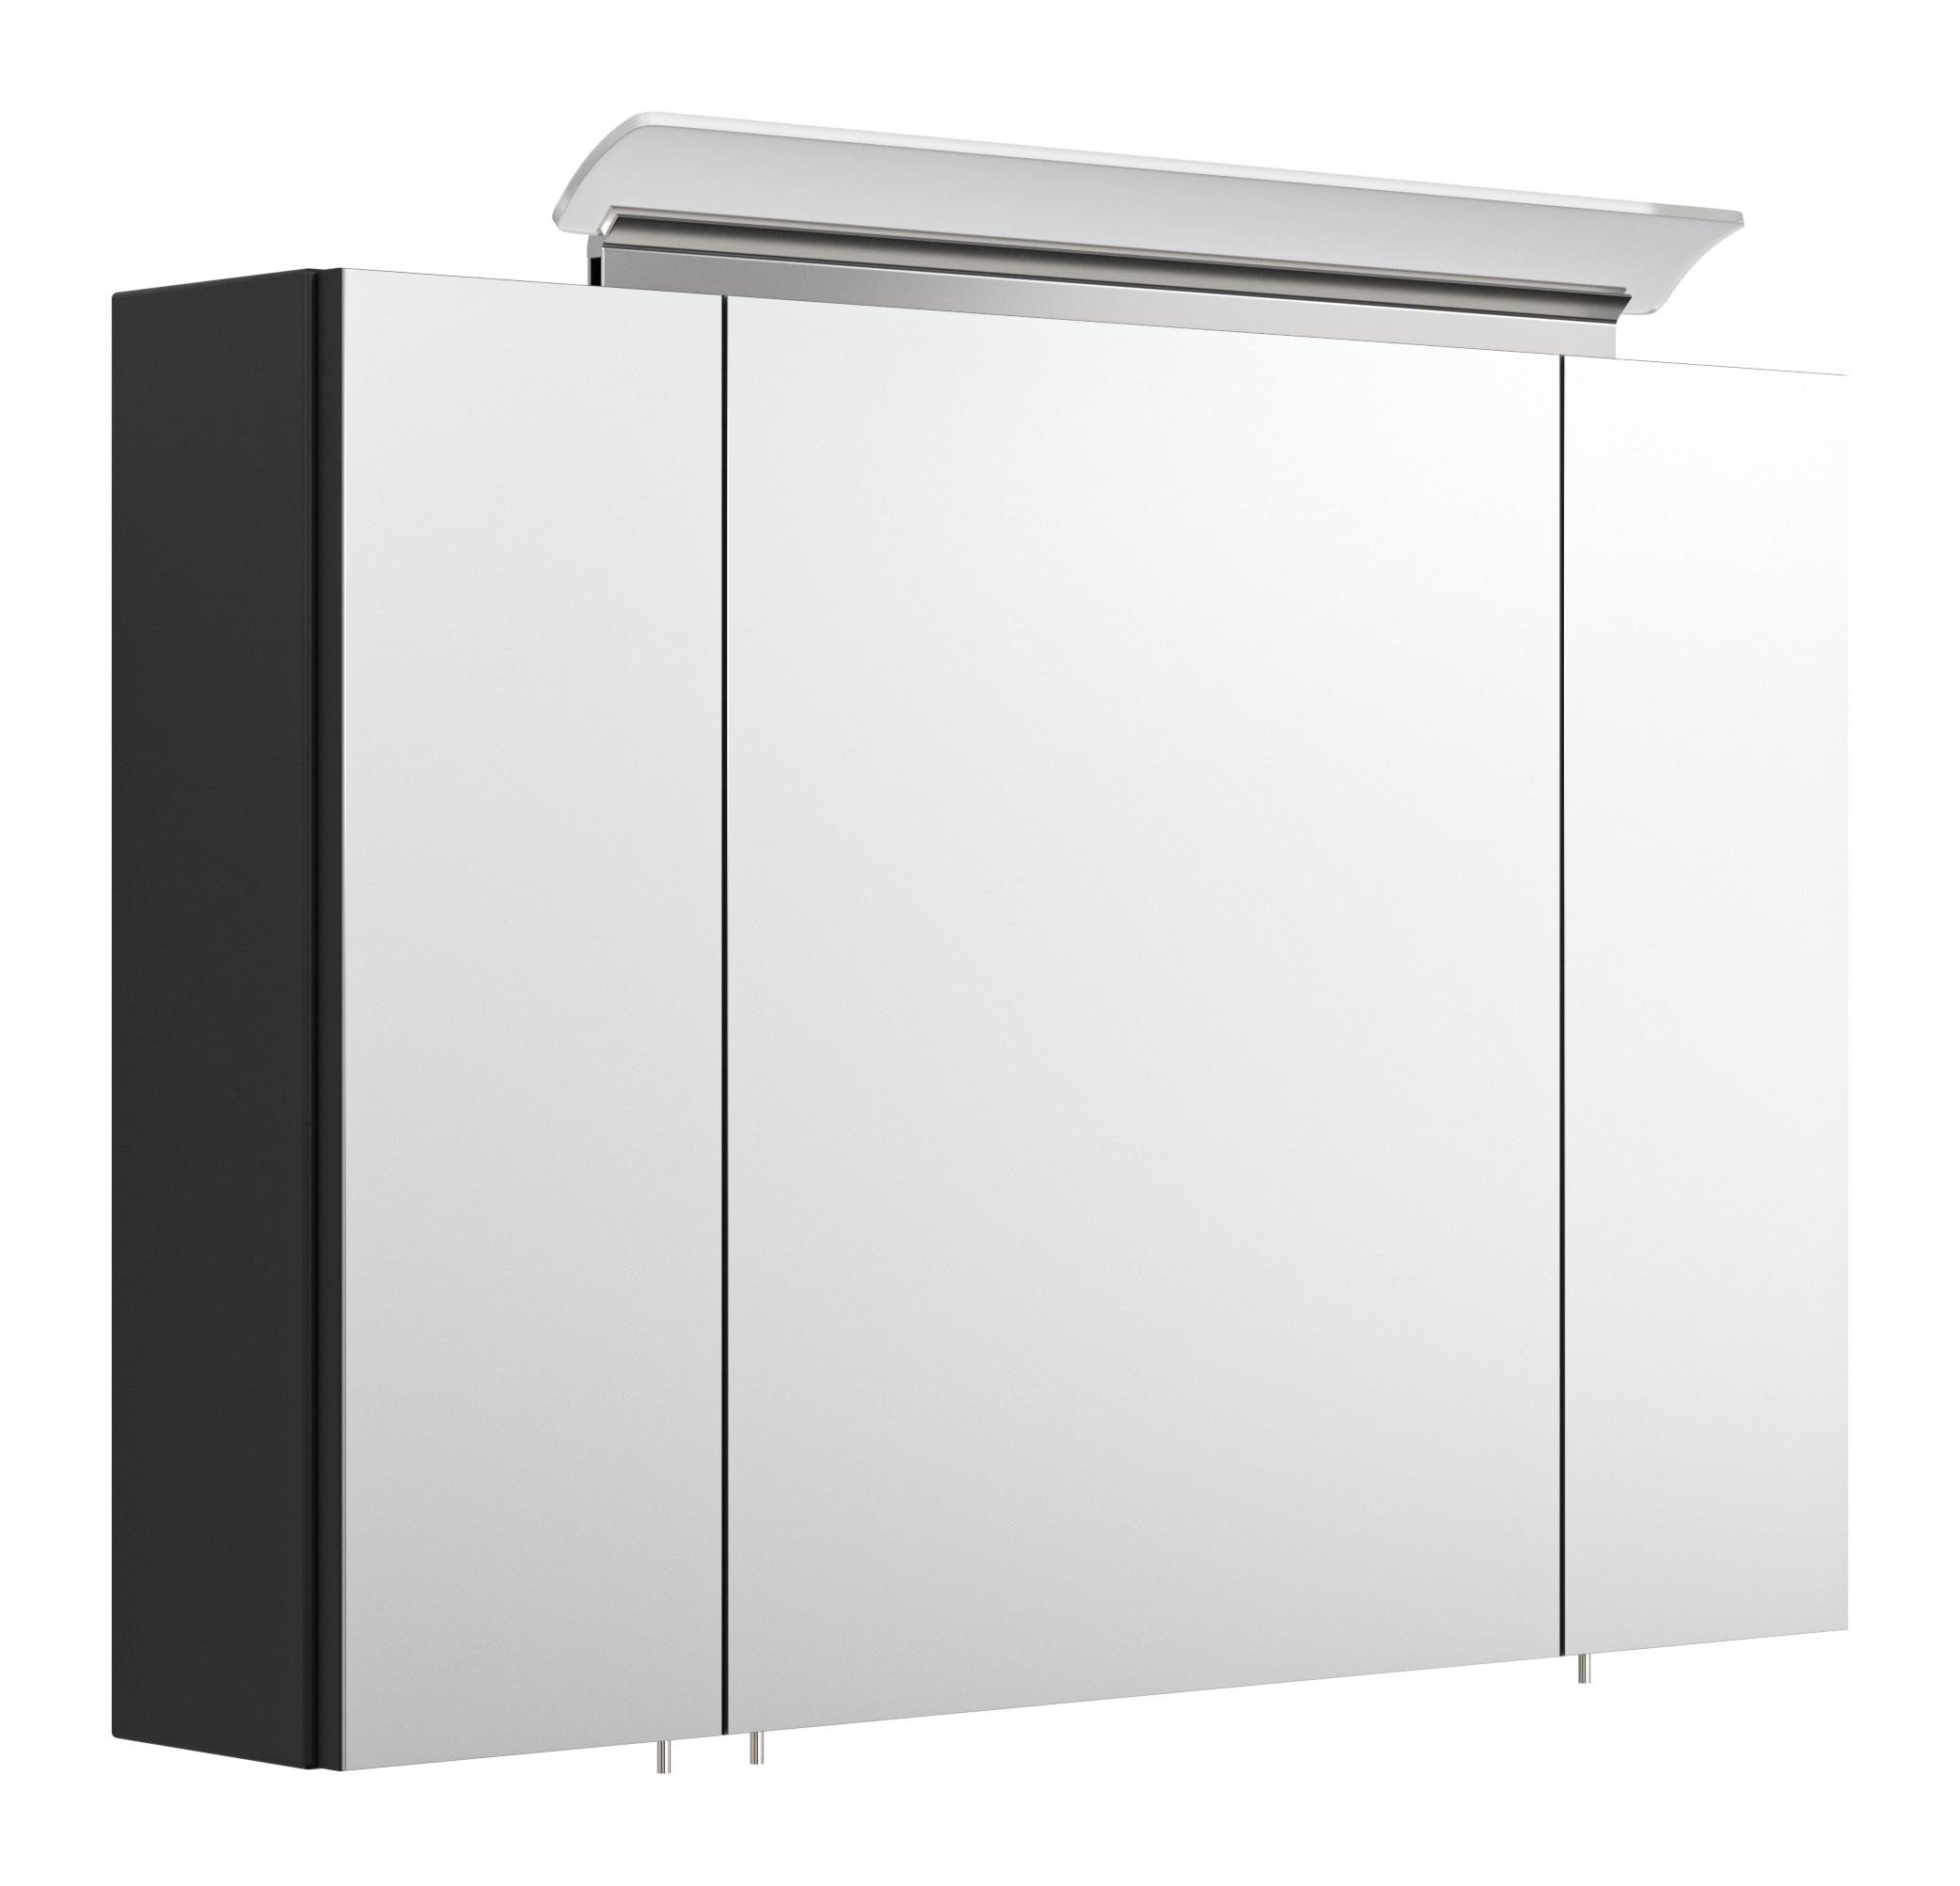 Saniclear Rocky 90cm spiegelkast met design LED verlichting glans zwart